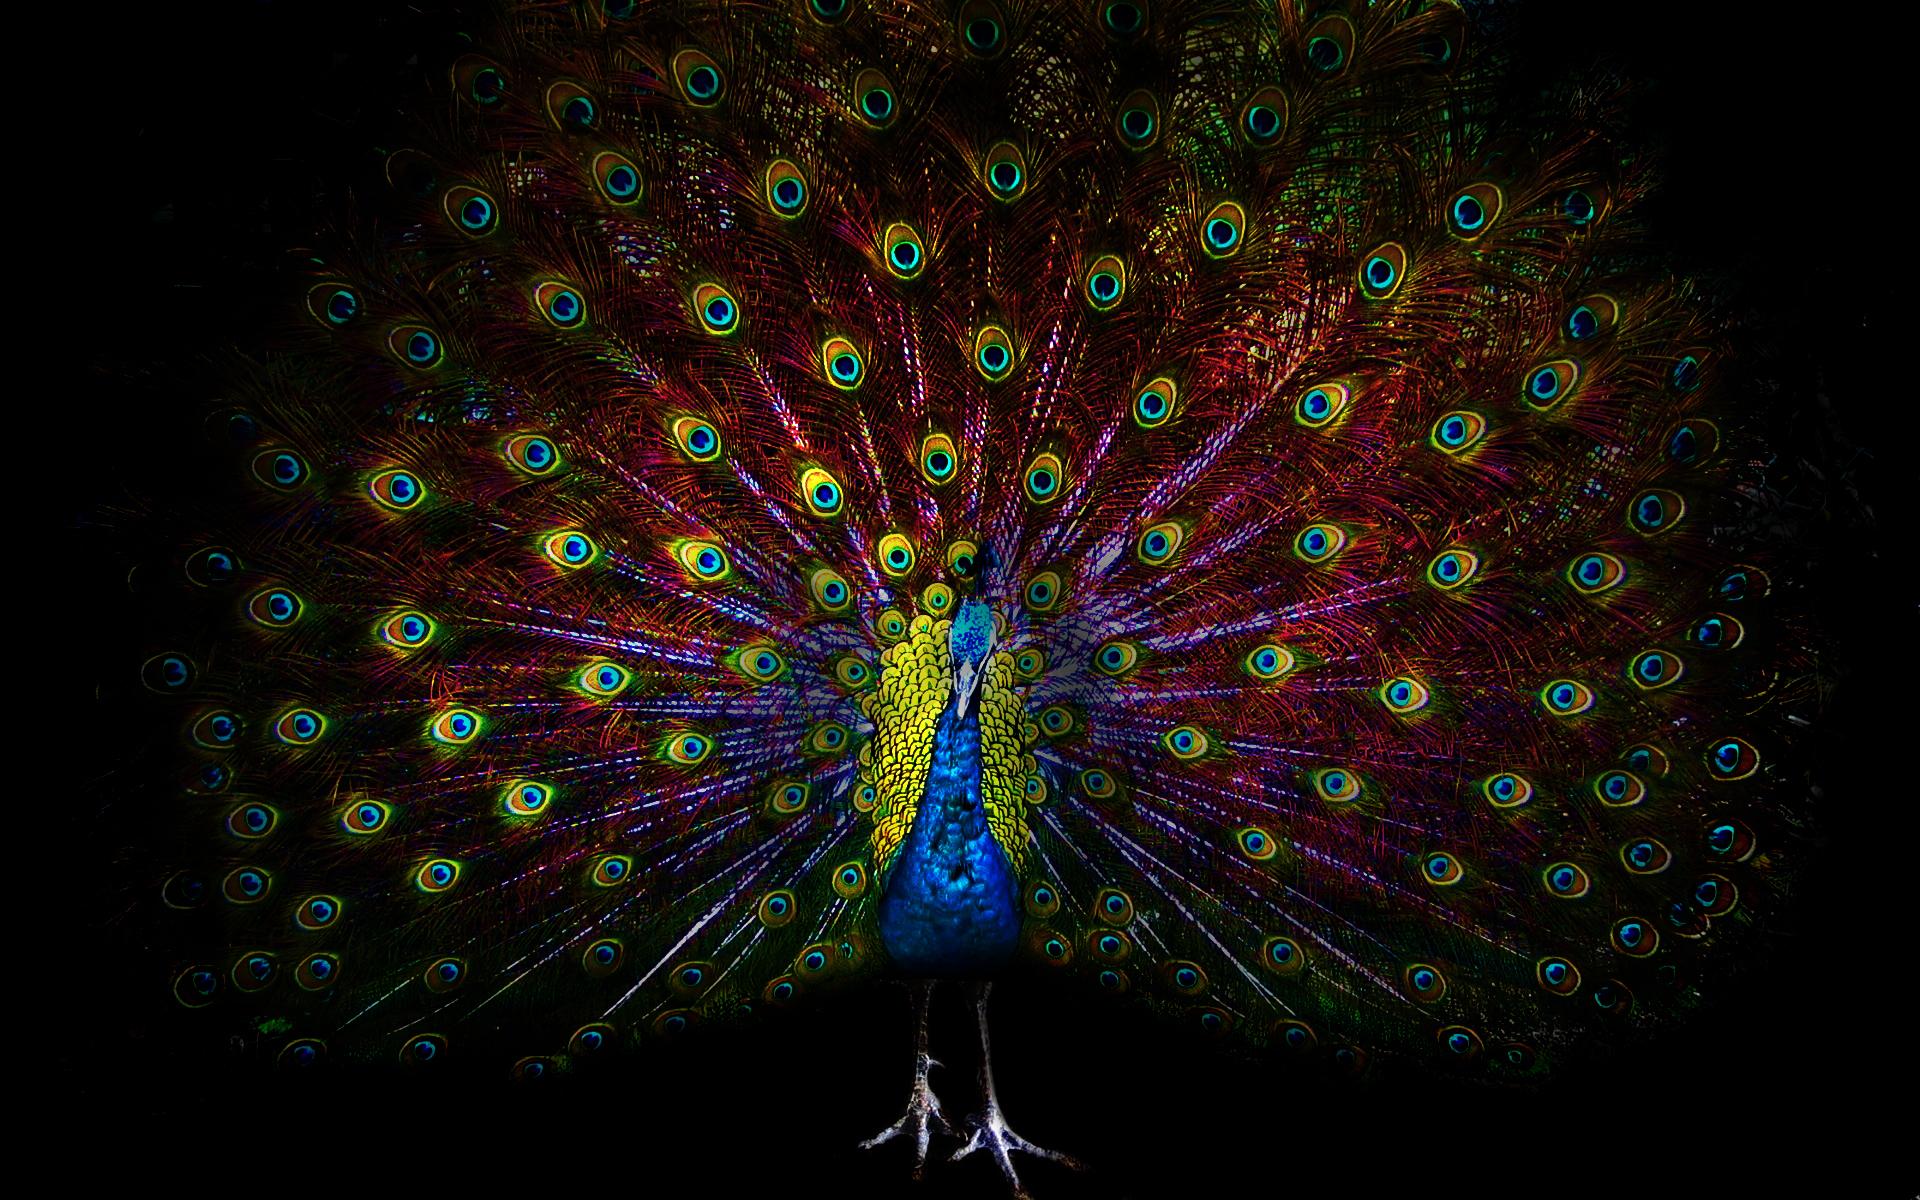 peacock bird wallpaper 50072